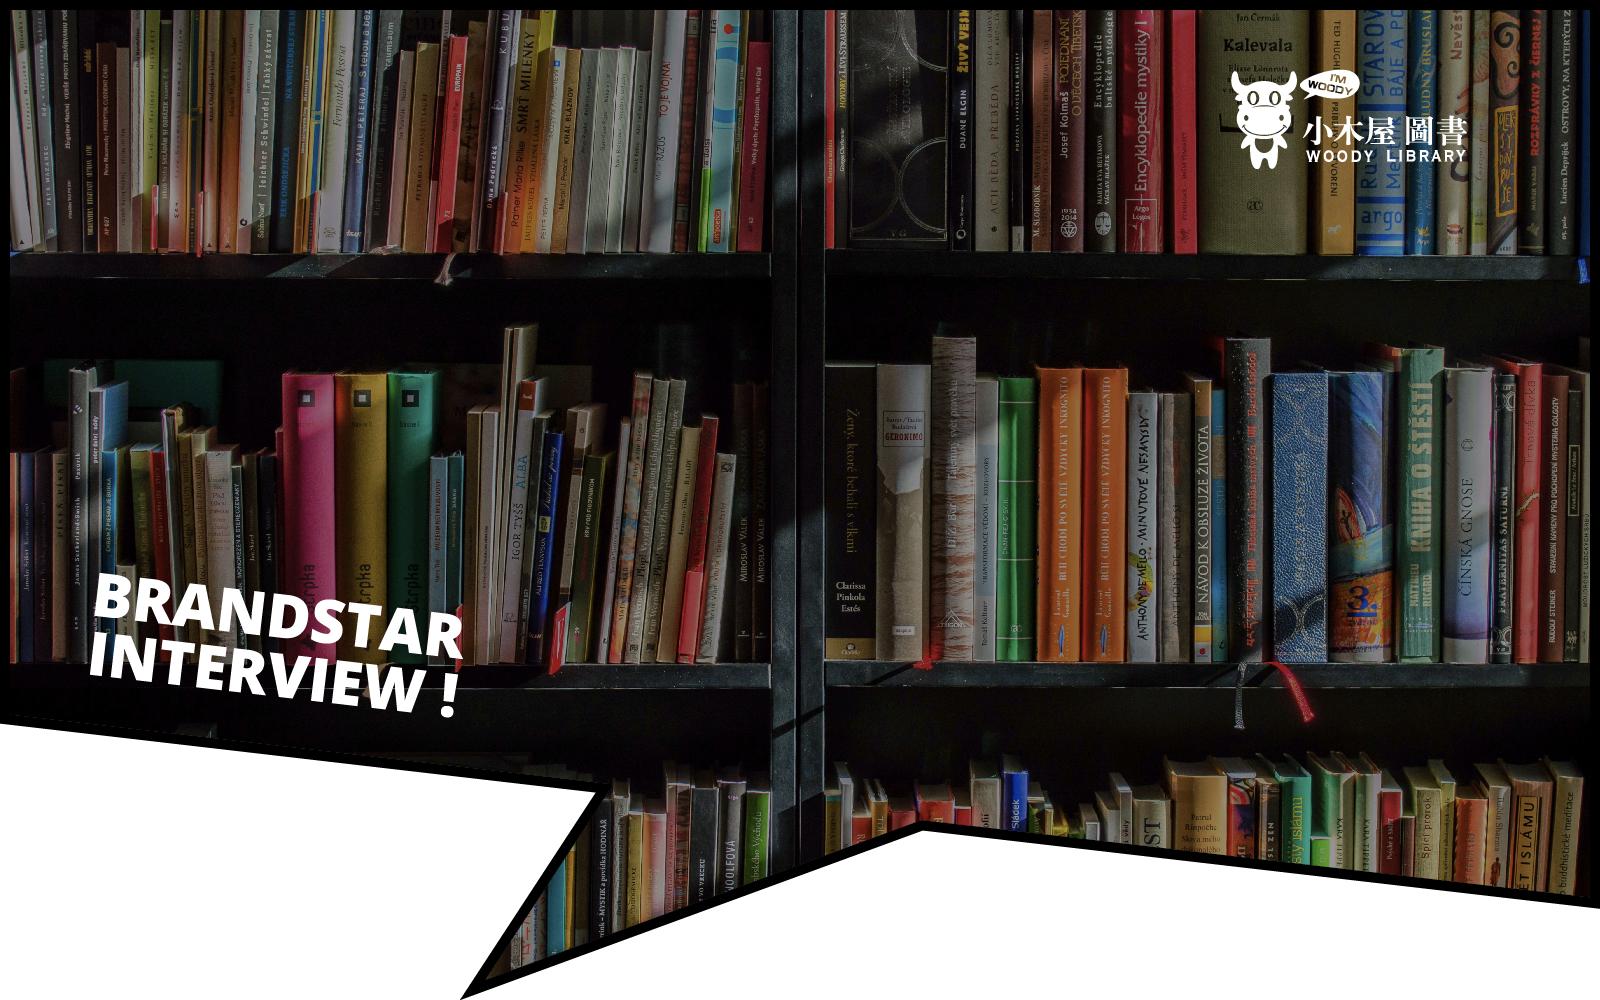 用 Netflix 的模式做图书订阅,小木屋能流转多大的图书市场?| BrandStar专访